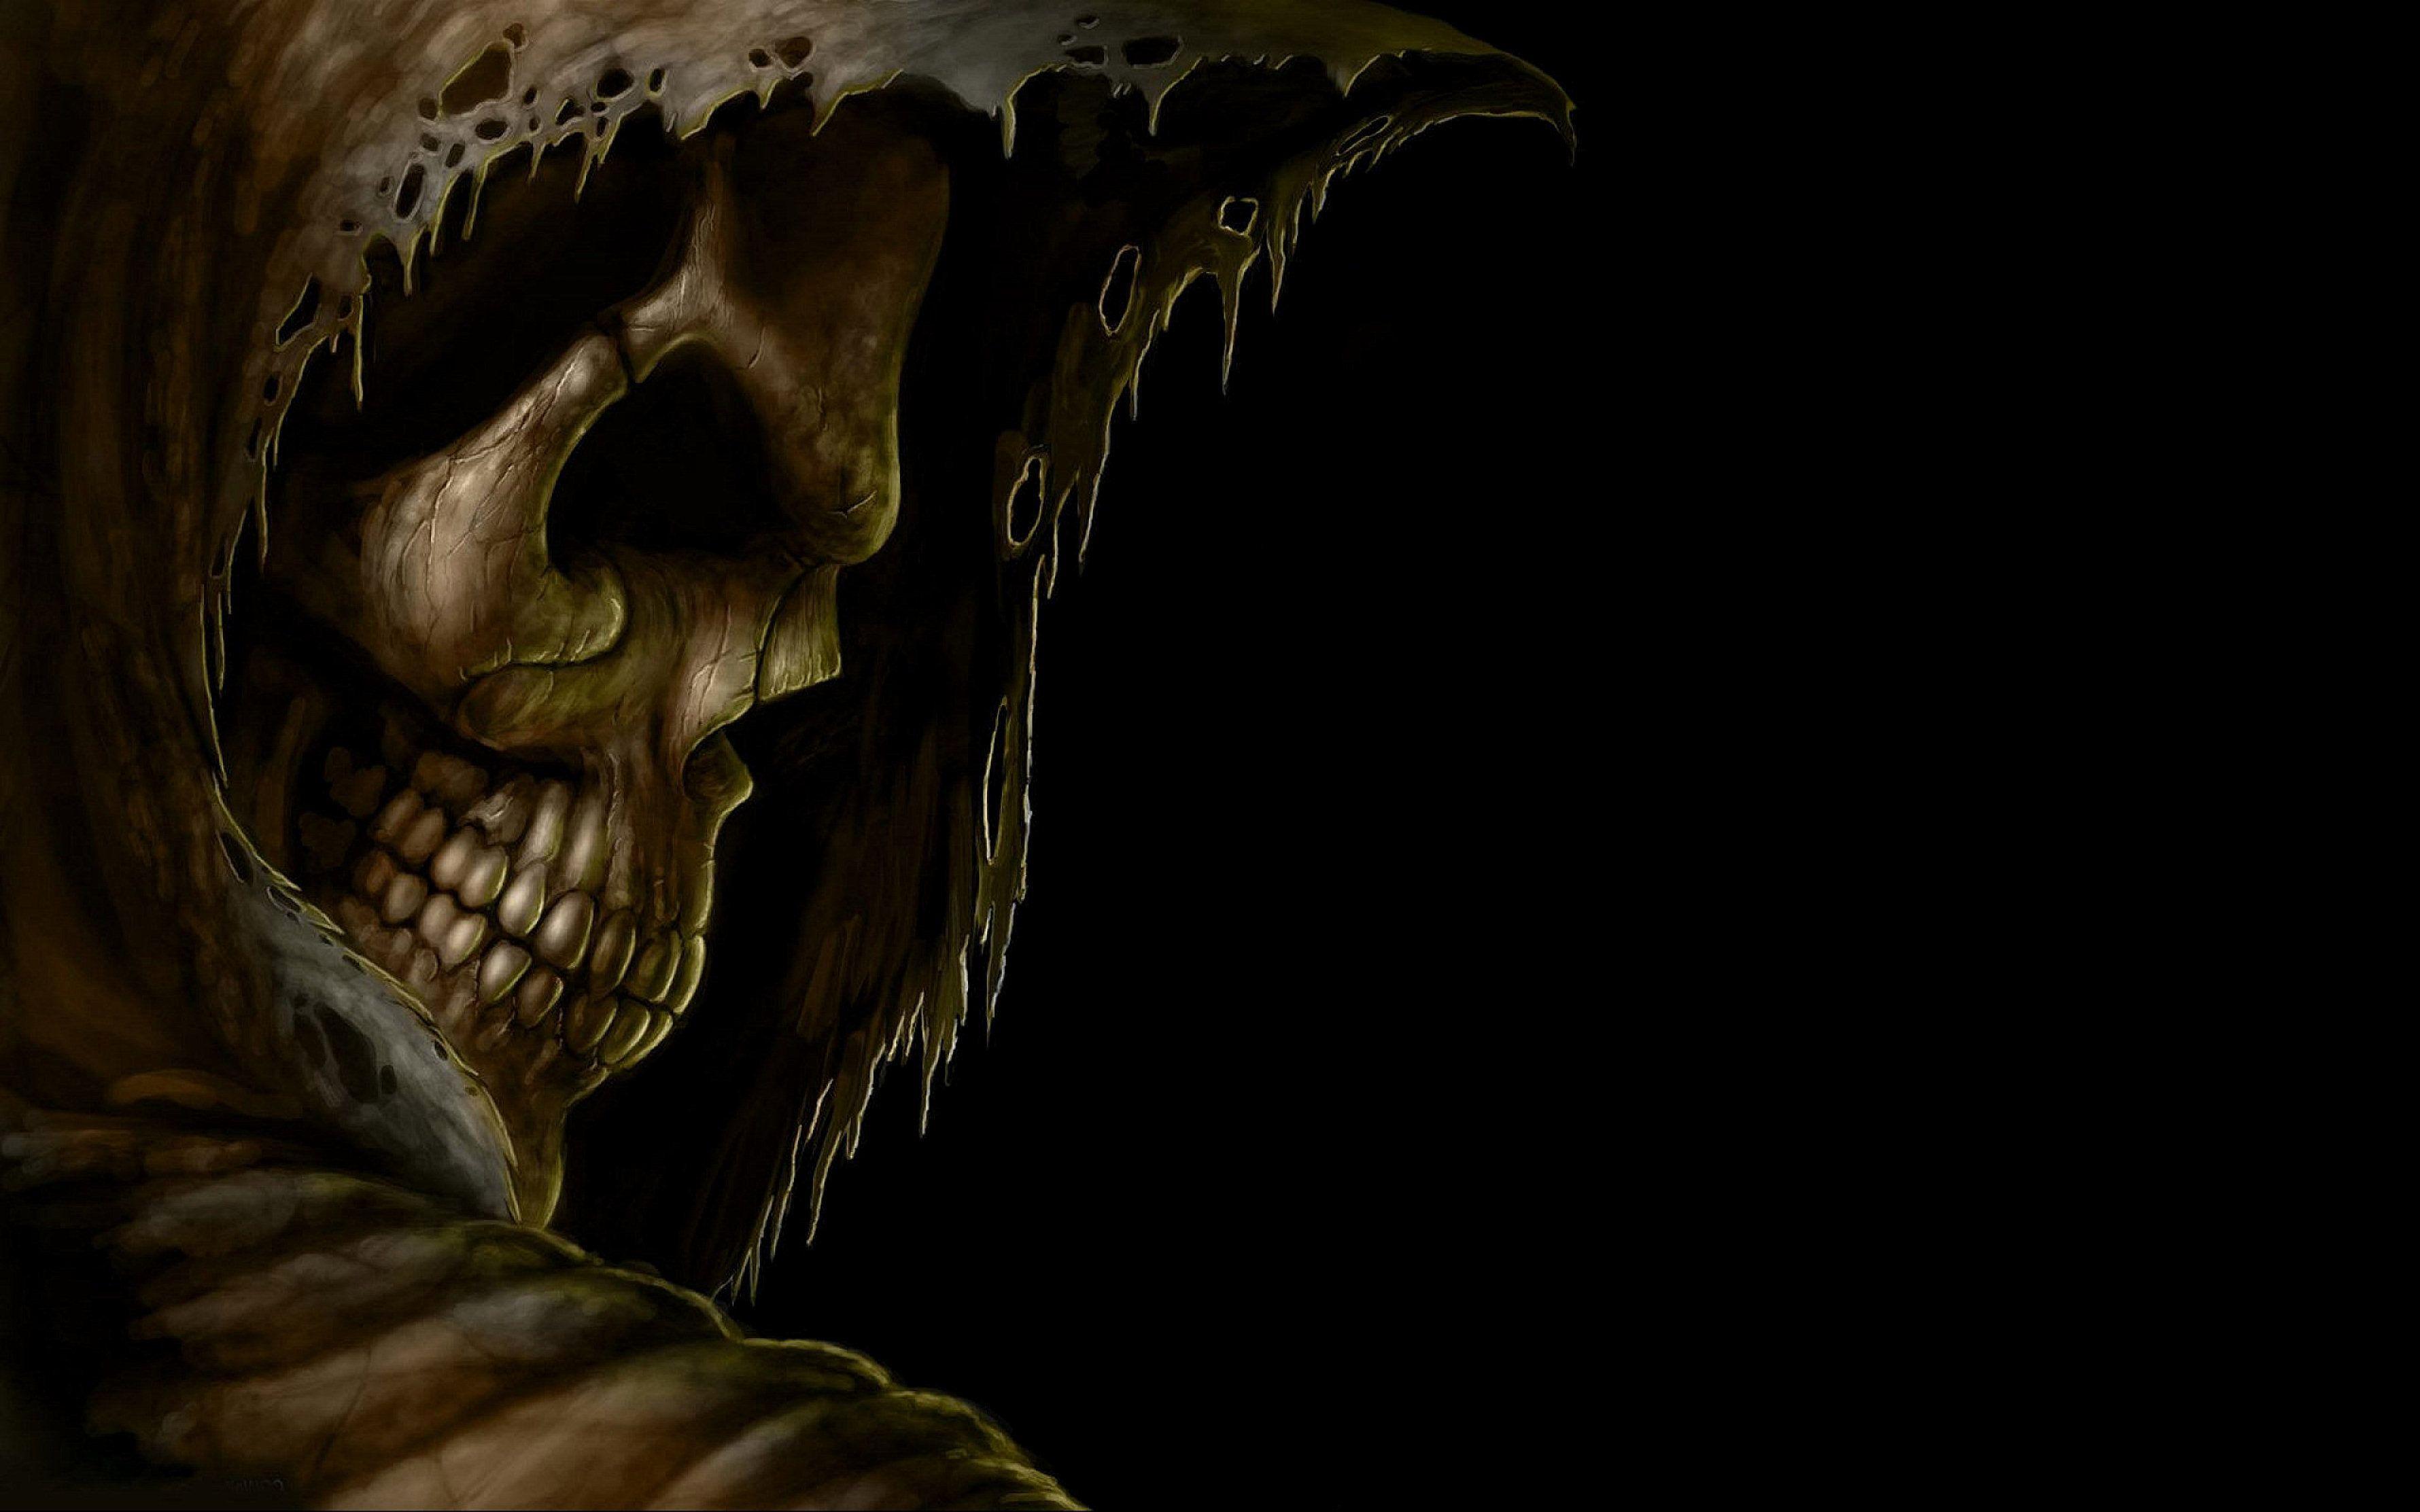 4K Grim Reaper Wallpapers - Top Free 4K Grim Reaper